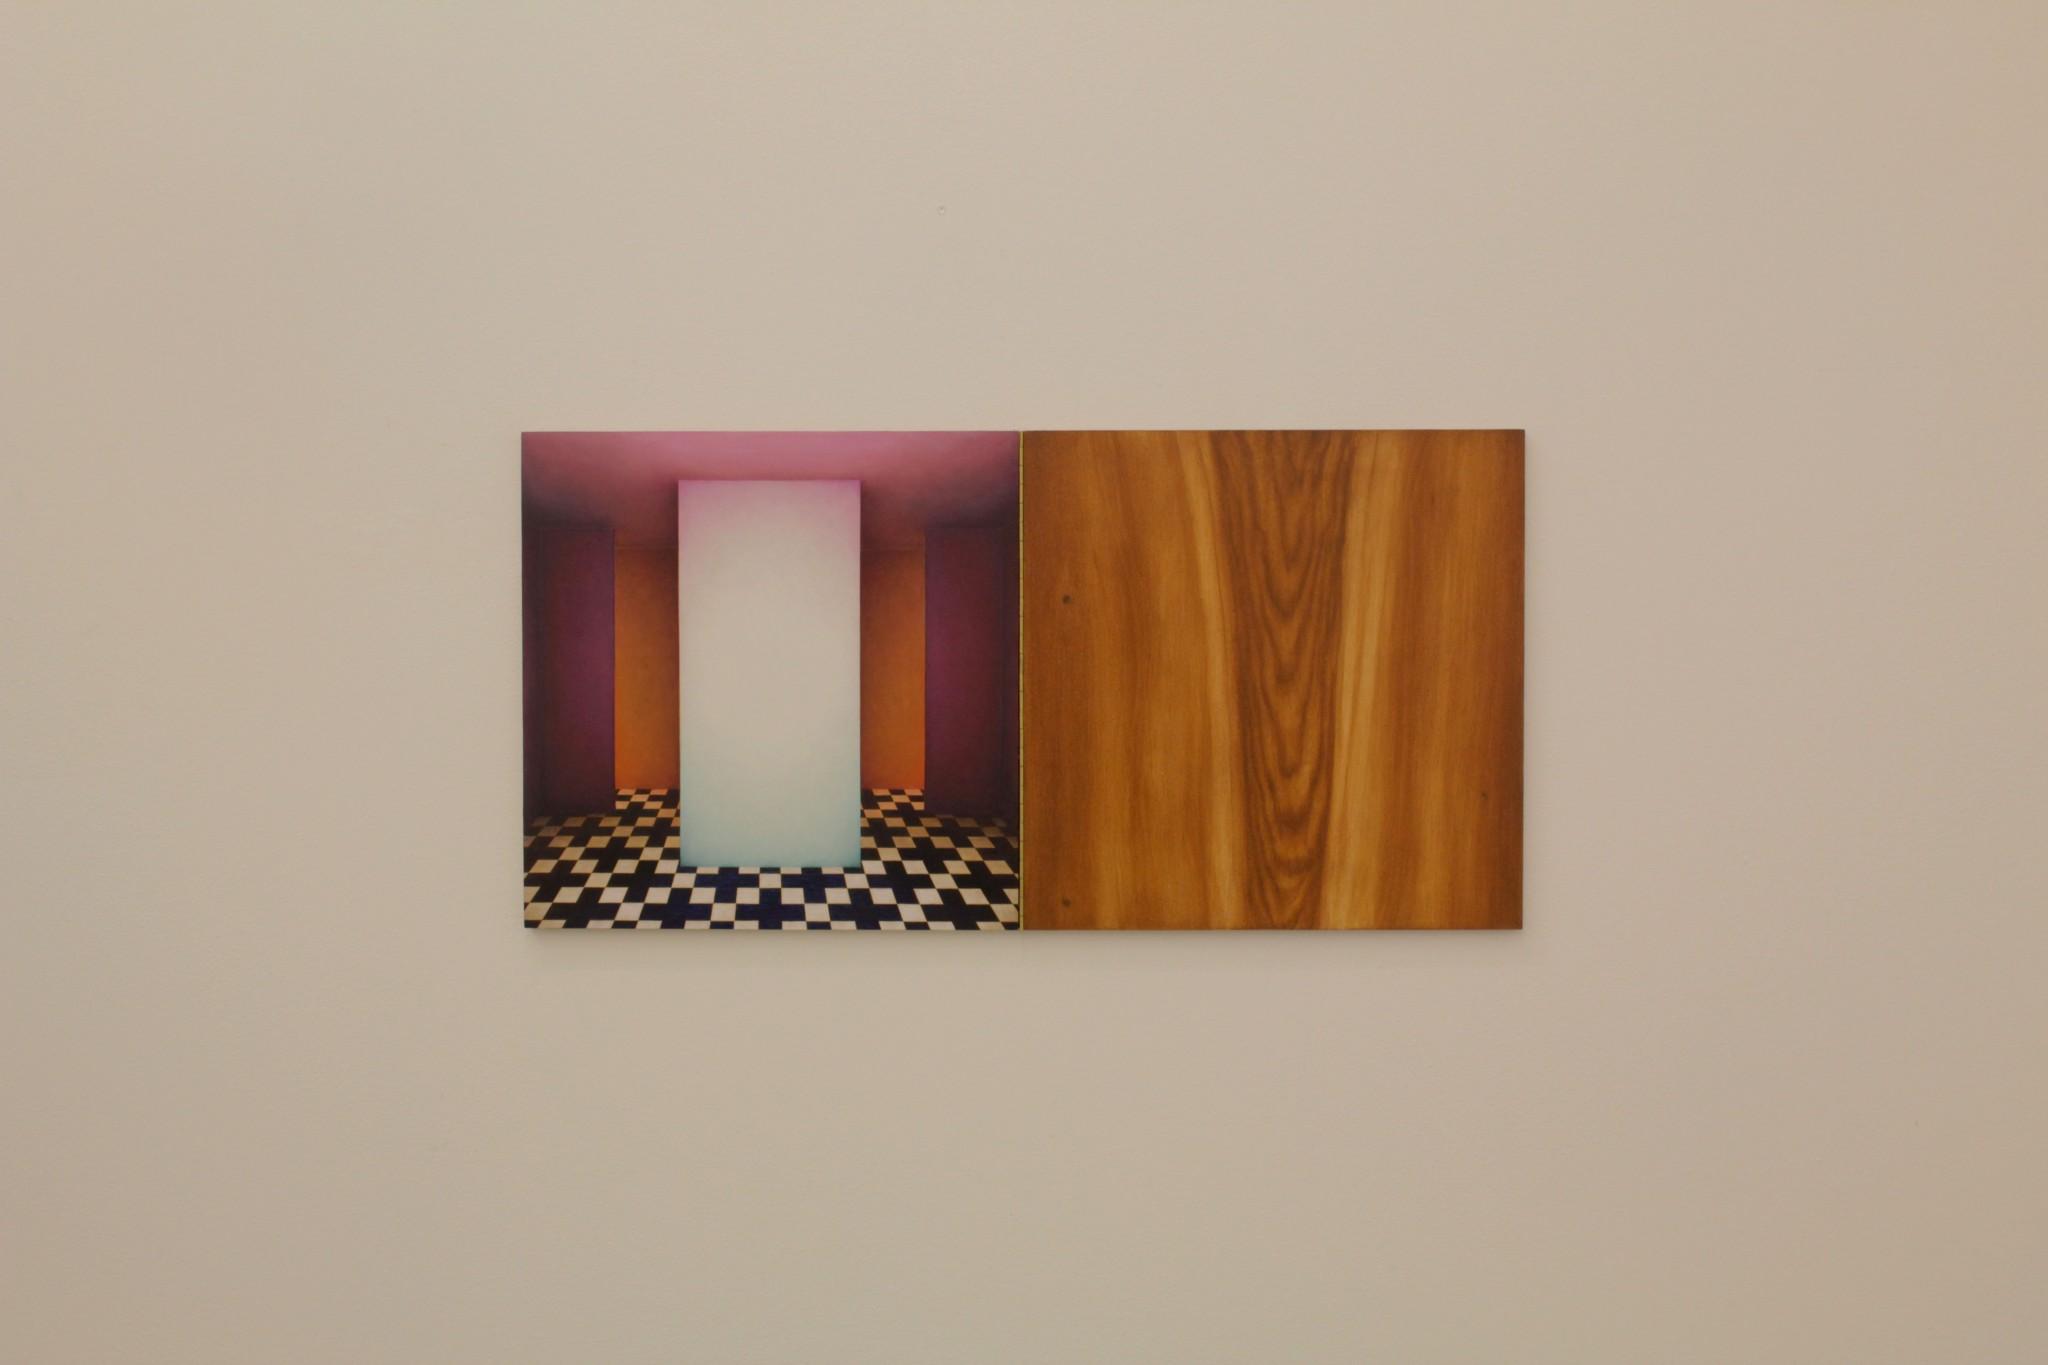 cabinet III, ca 40x80, olja på pannå, pianogångjärn, 2018